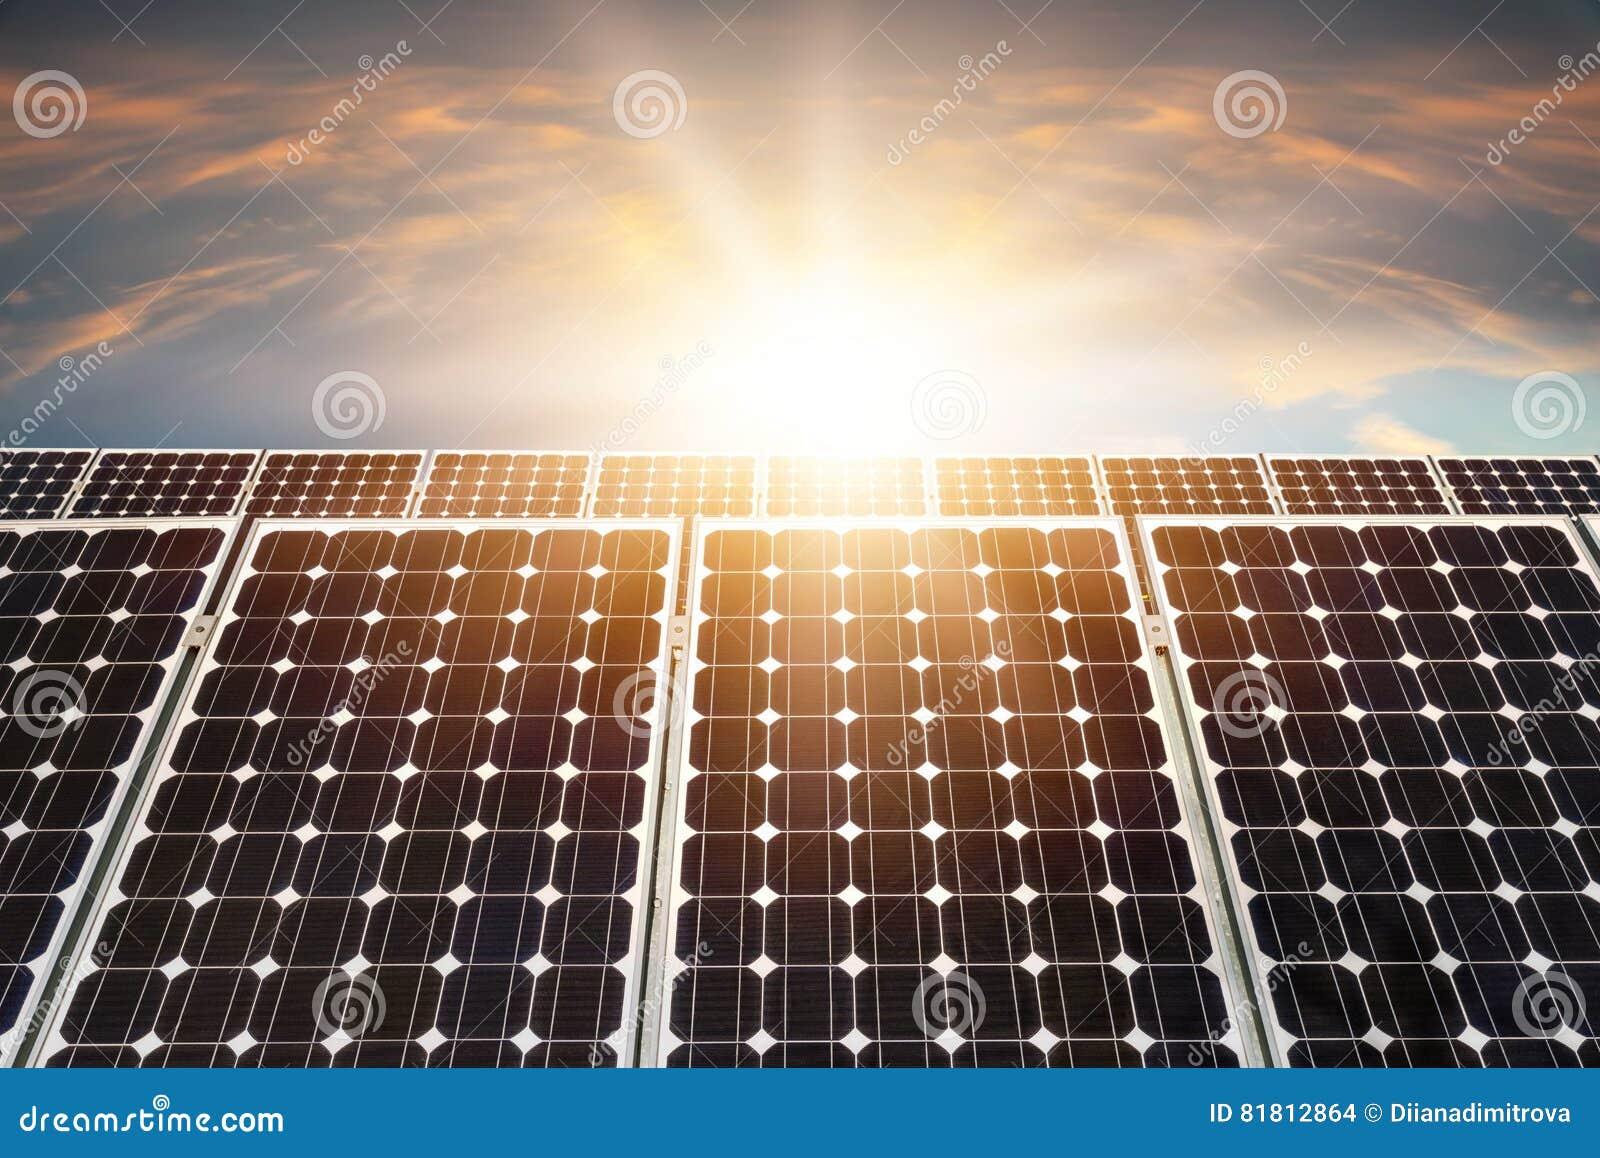 Панель солнечных батарей, фотовольтайческая